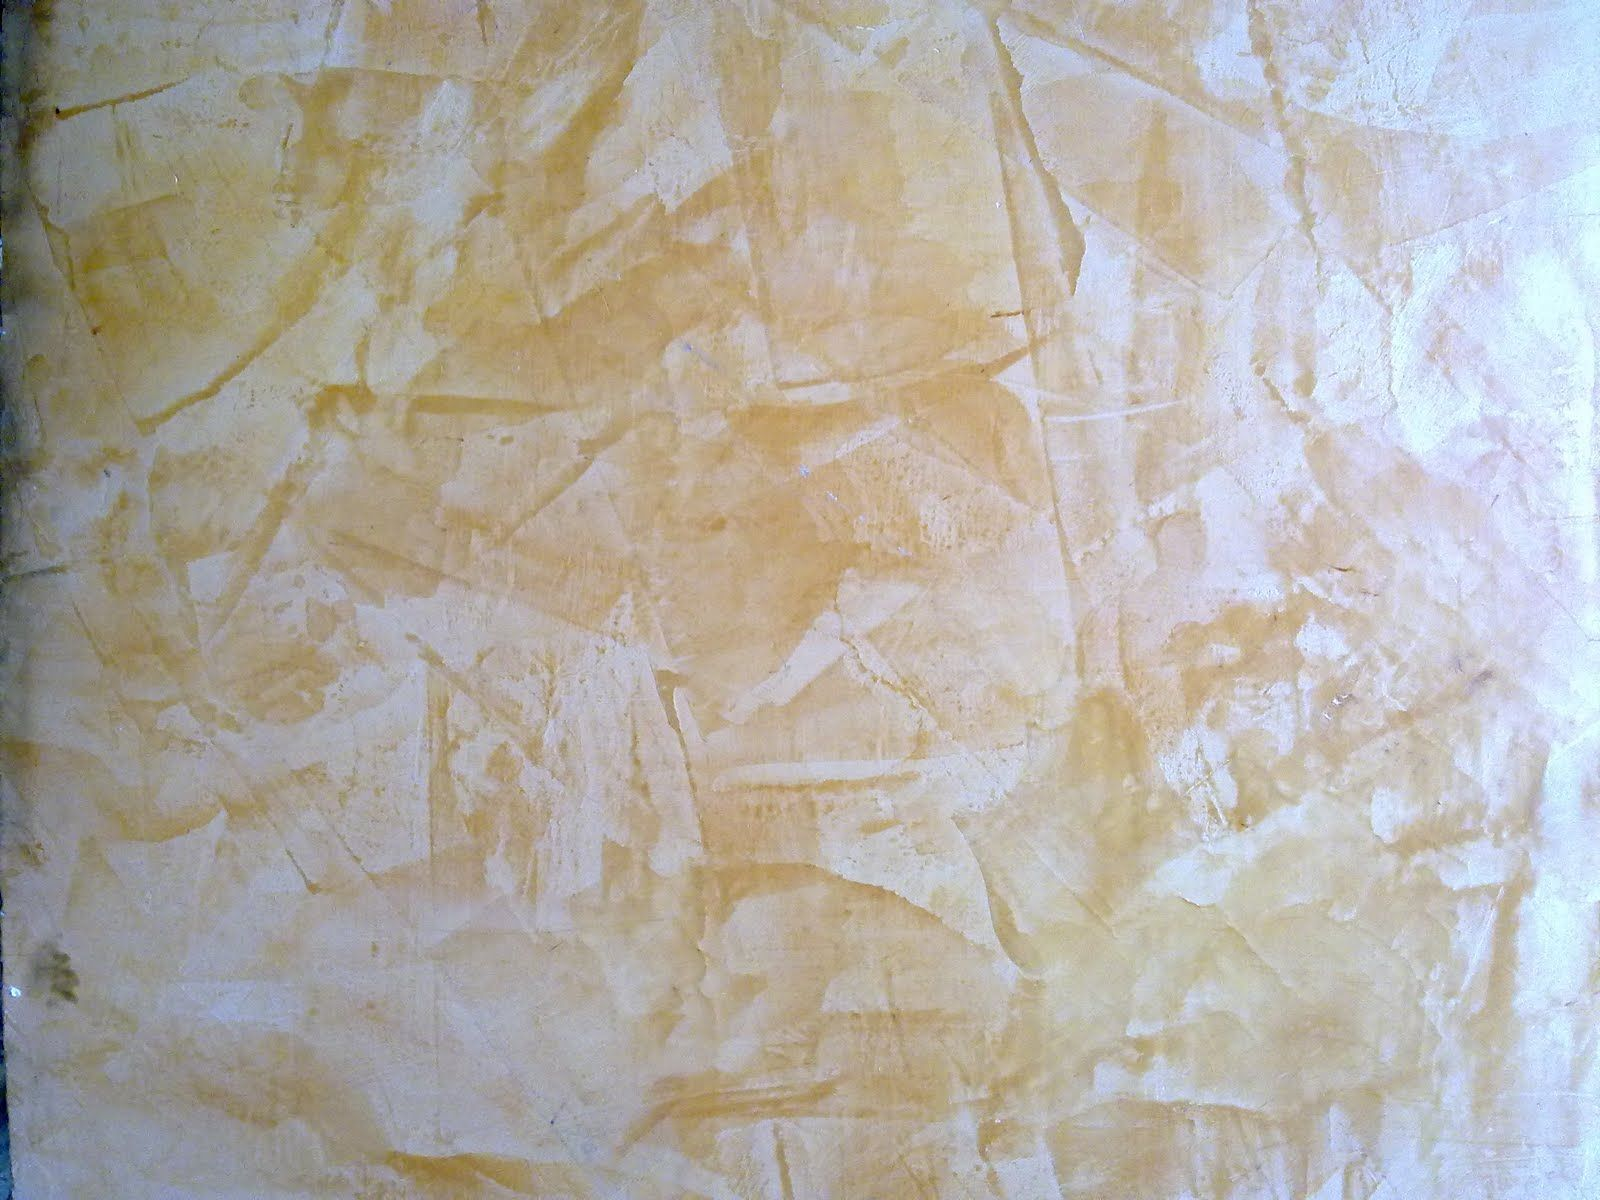 Espatulado Estucos Pinterest Estucos Y Pinturas ~ Pintura Decorativa Paredes Interiores